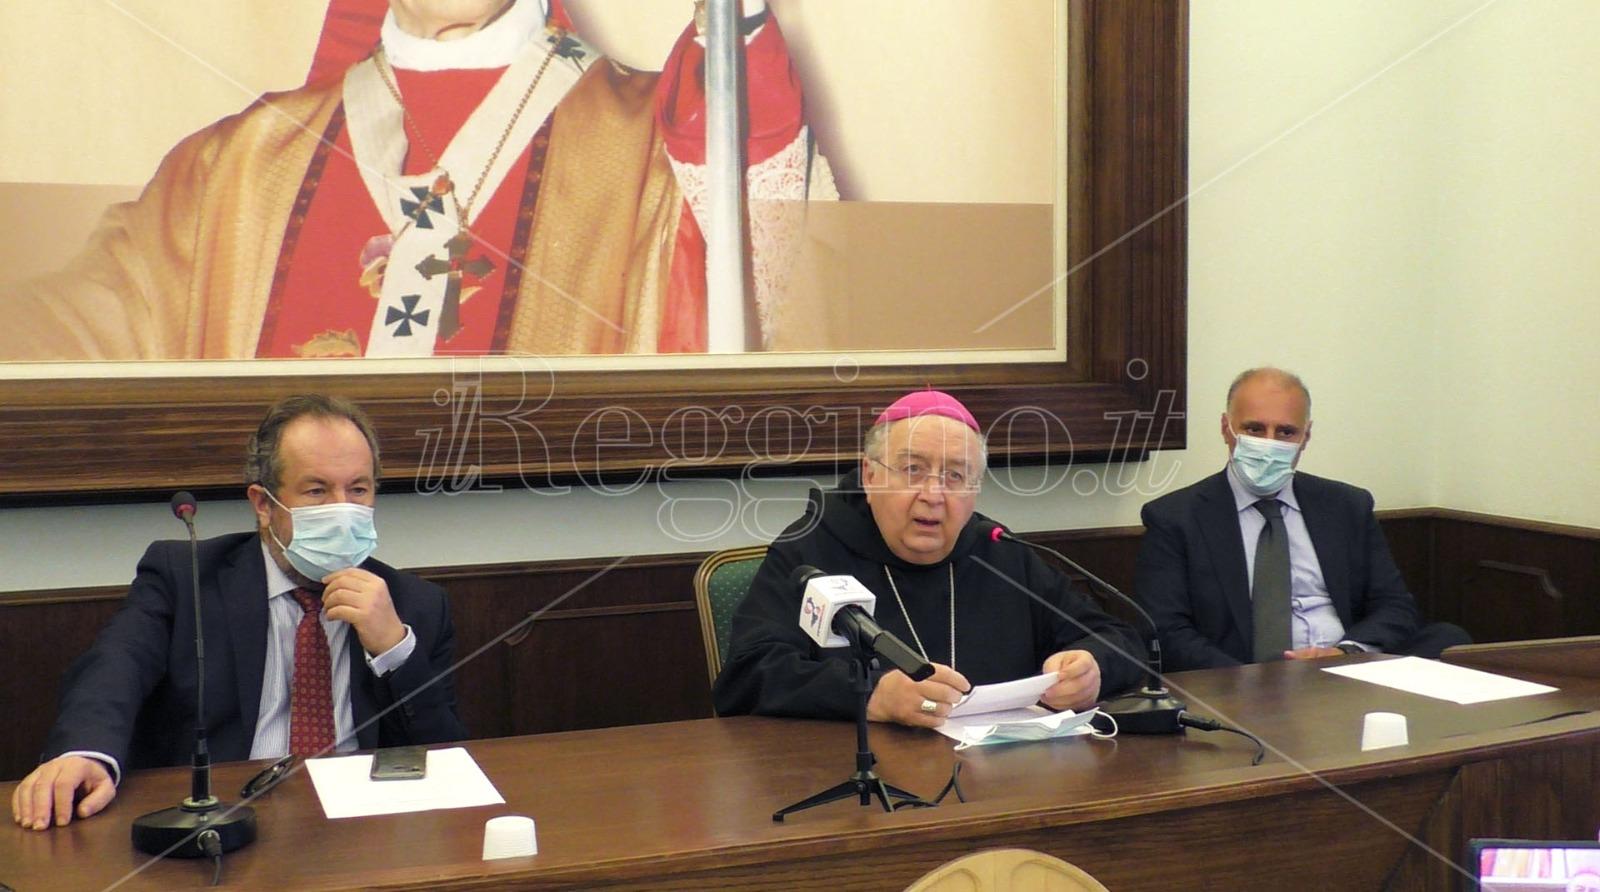 Festa Madonna, confermata la sospensione della processione. Ecco il programma completo